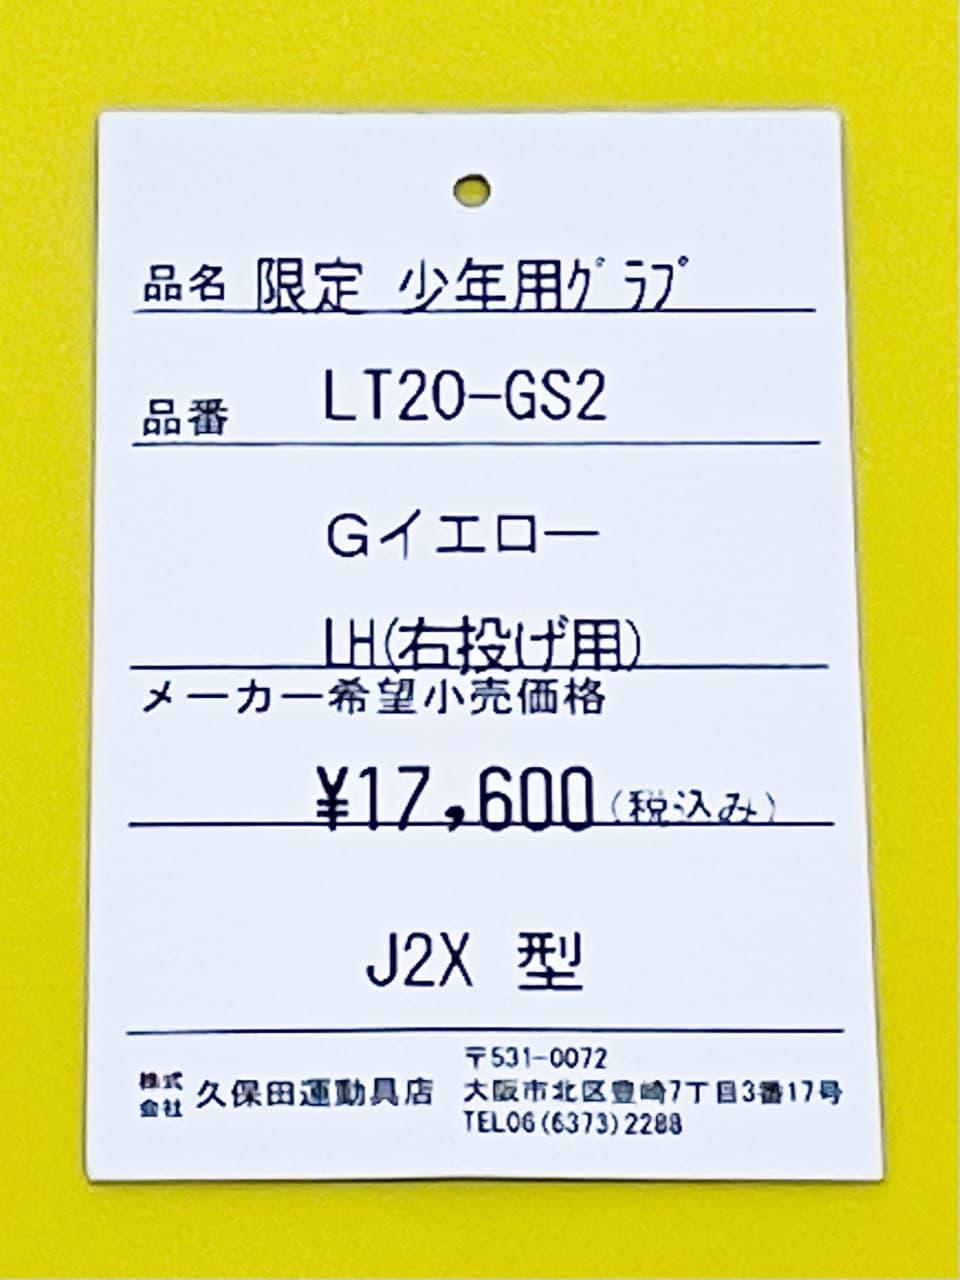 【久保田スラッガー】少年野球用軟式グラブ(グローブ):KSNJ2X(限定)ラベル